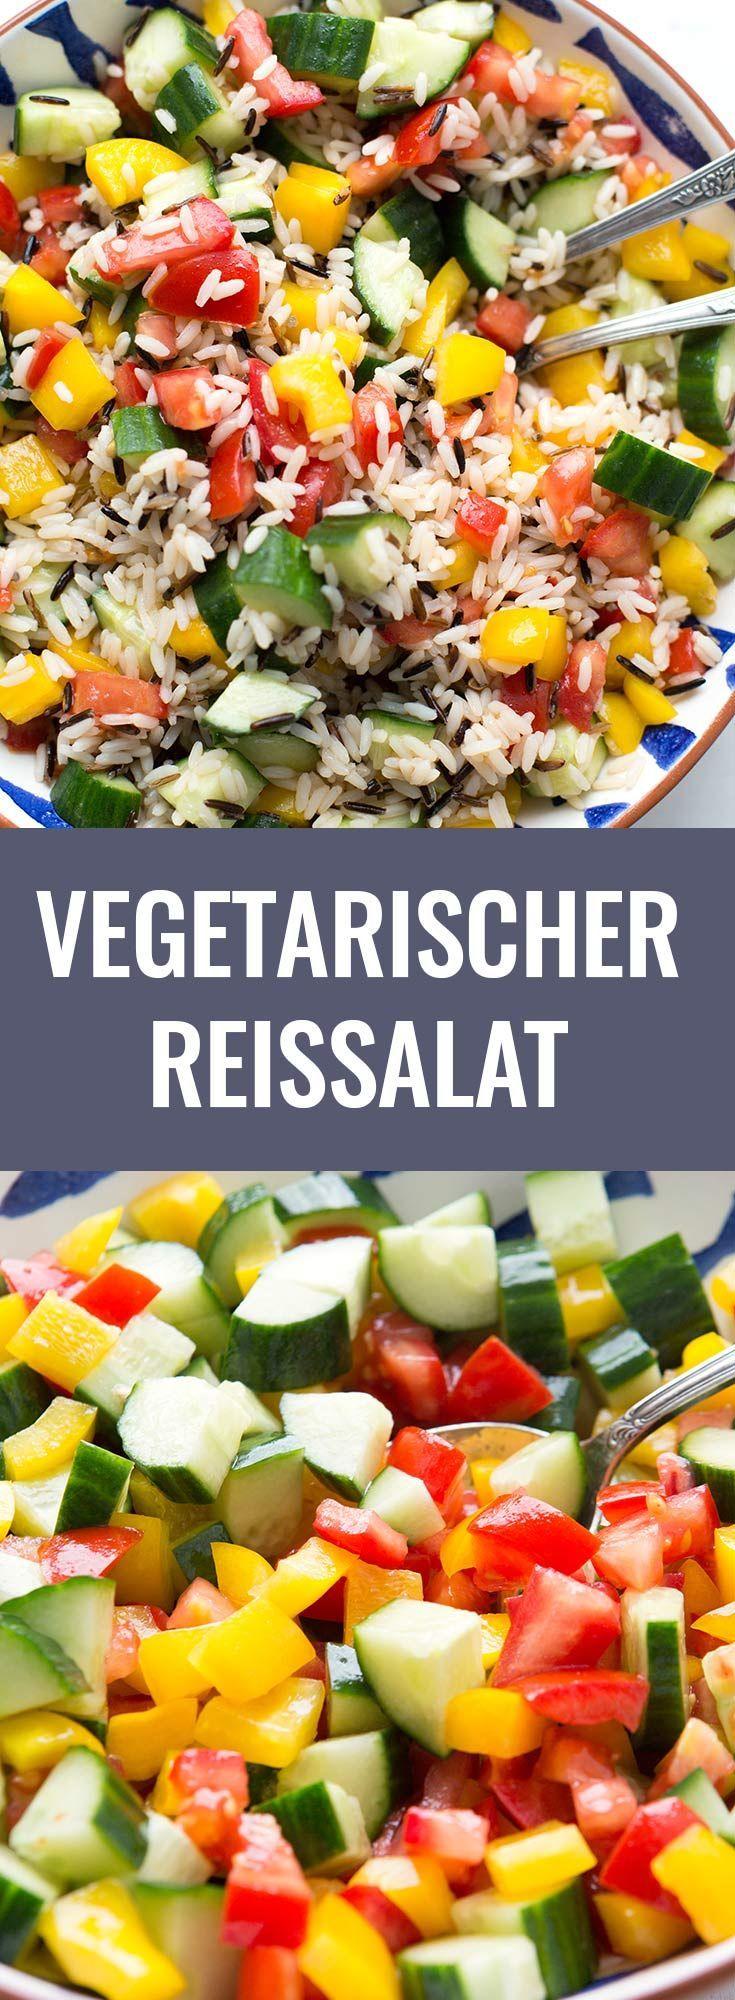 Vegetarischer Reissalat - schnell und super lecker - Kochkarussell